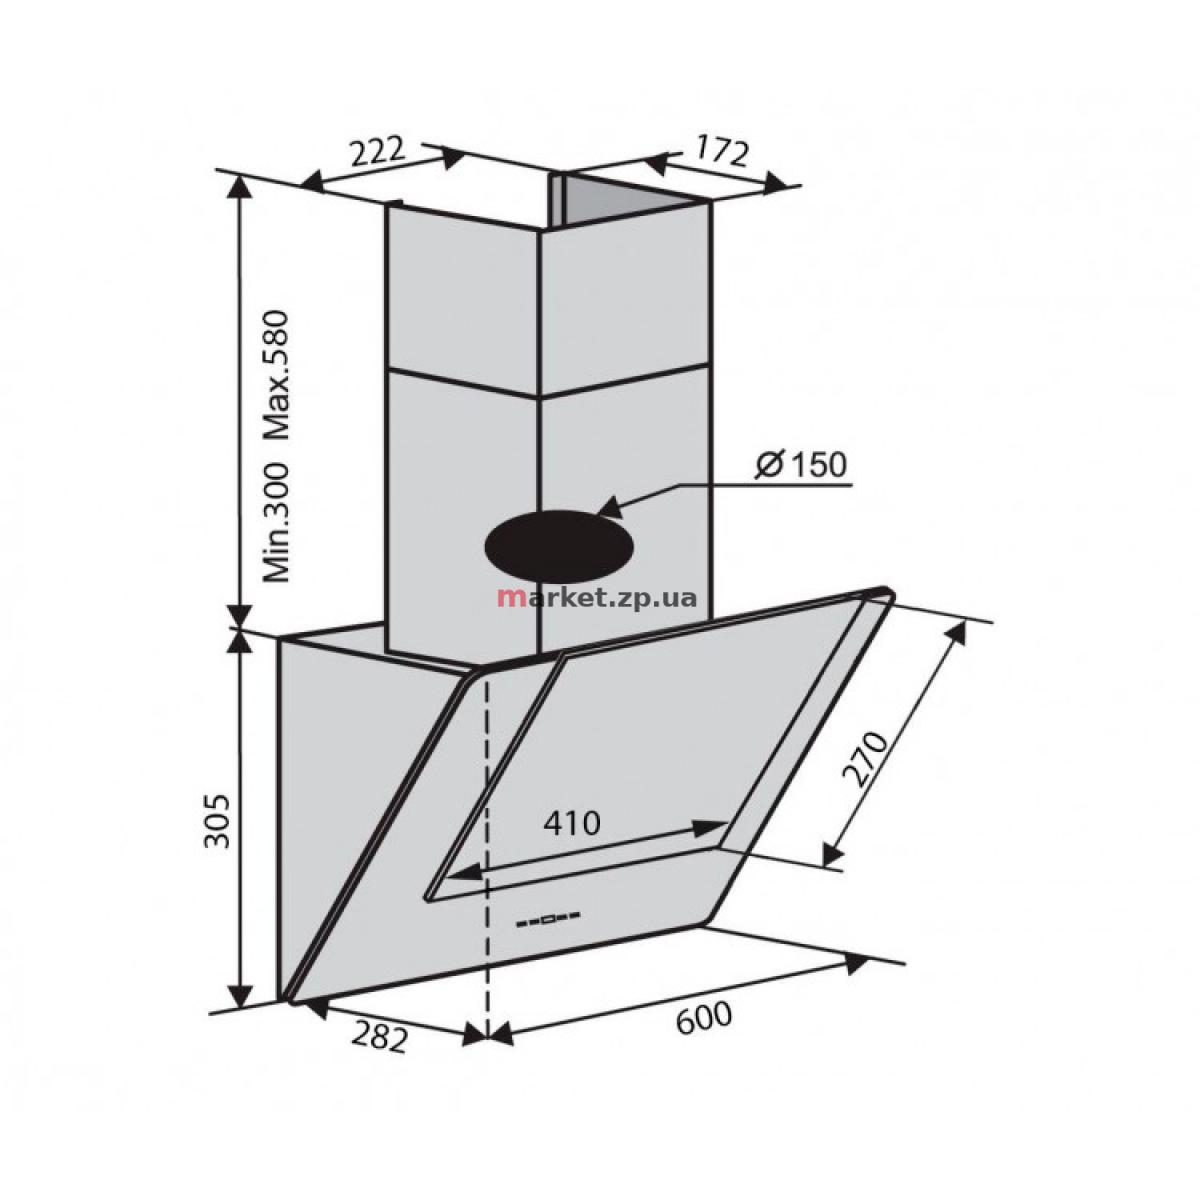 Вытяжка VENTOLUX DIAMOND 60 BK (700) PB